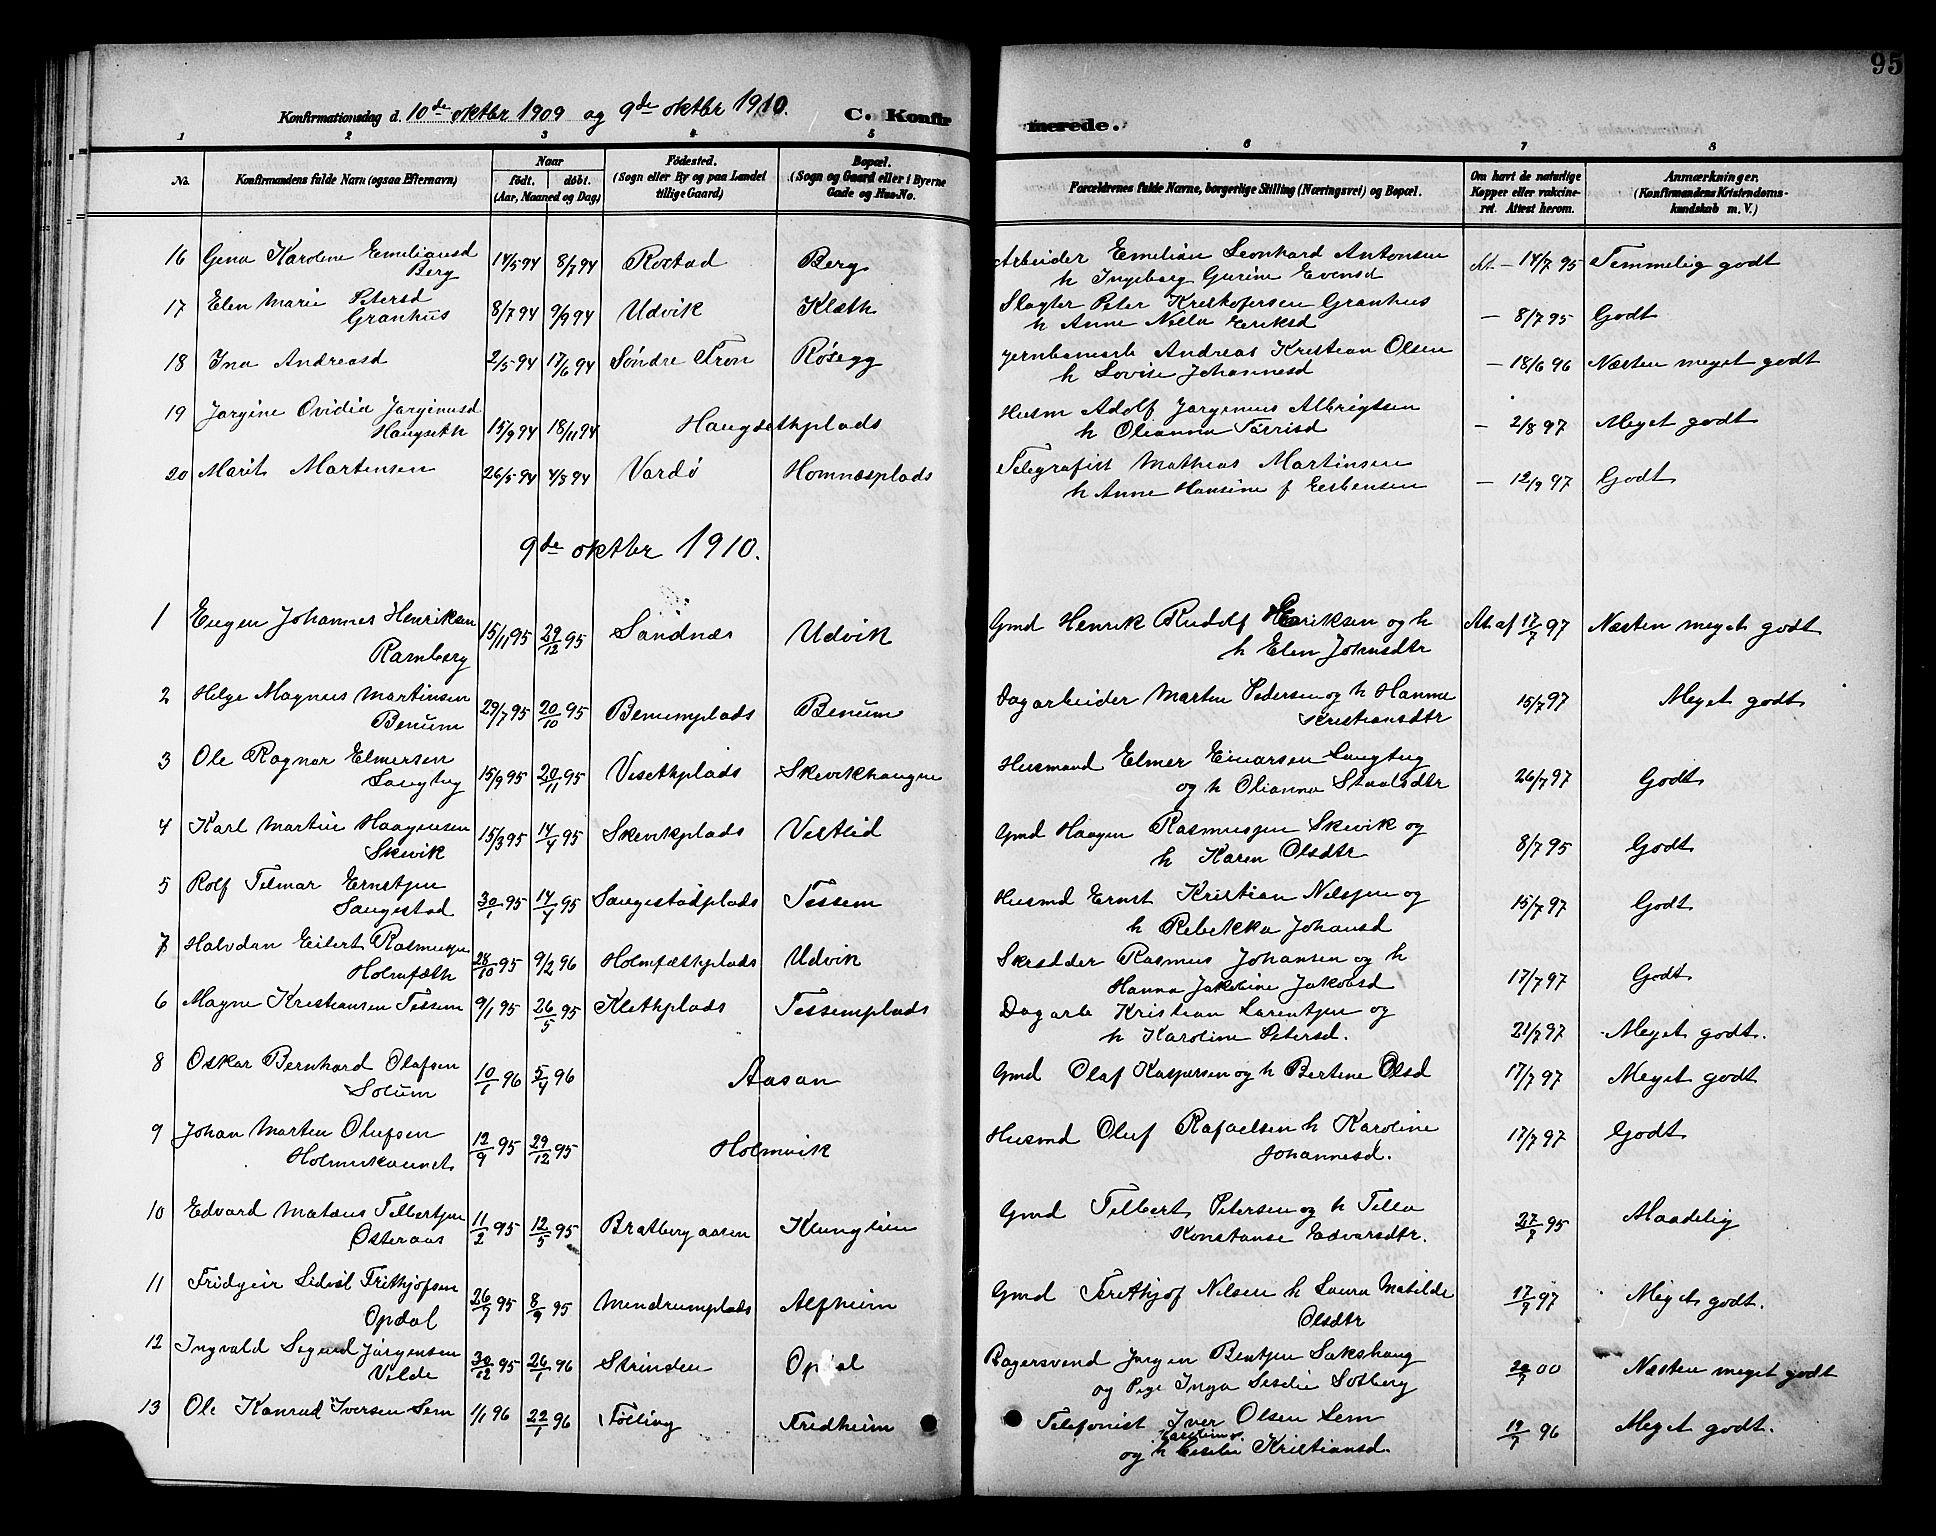 SAT, Ministerialprotokoller, klokkerbøker og fødselsregistre - Nord-Trøndelag, 741/L0401: Klokkerbok nr. 741C02, 1899-1911, s. 95